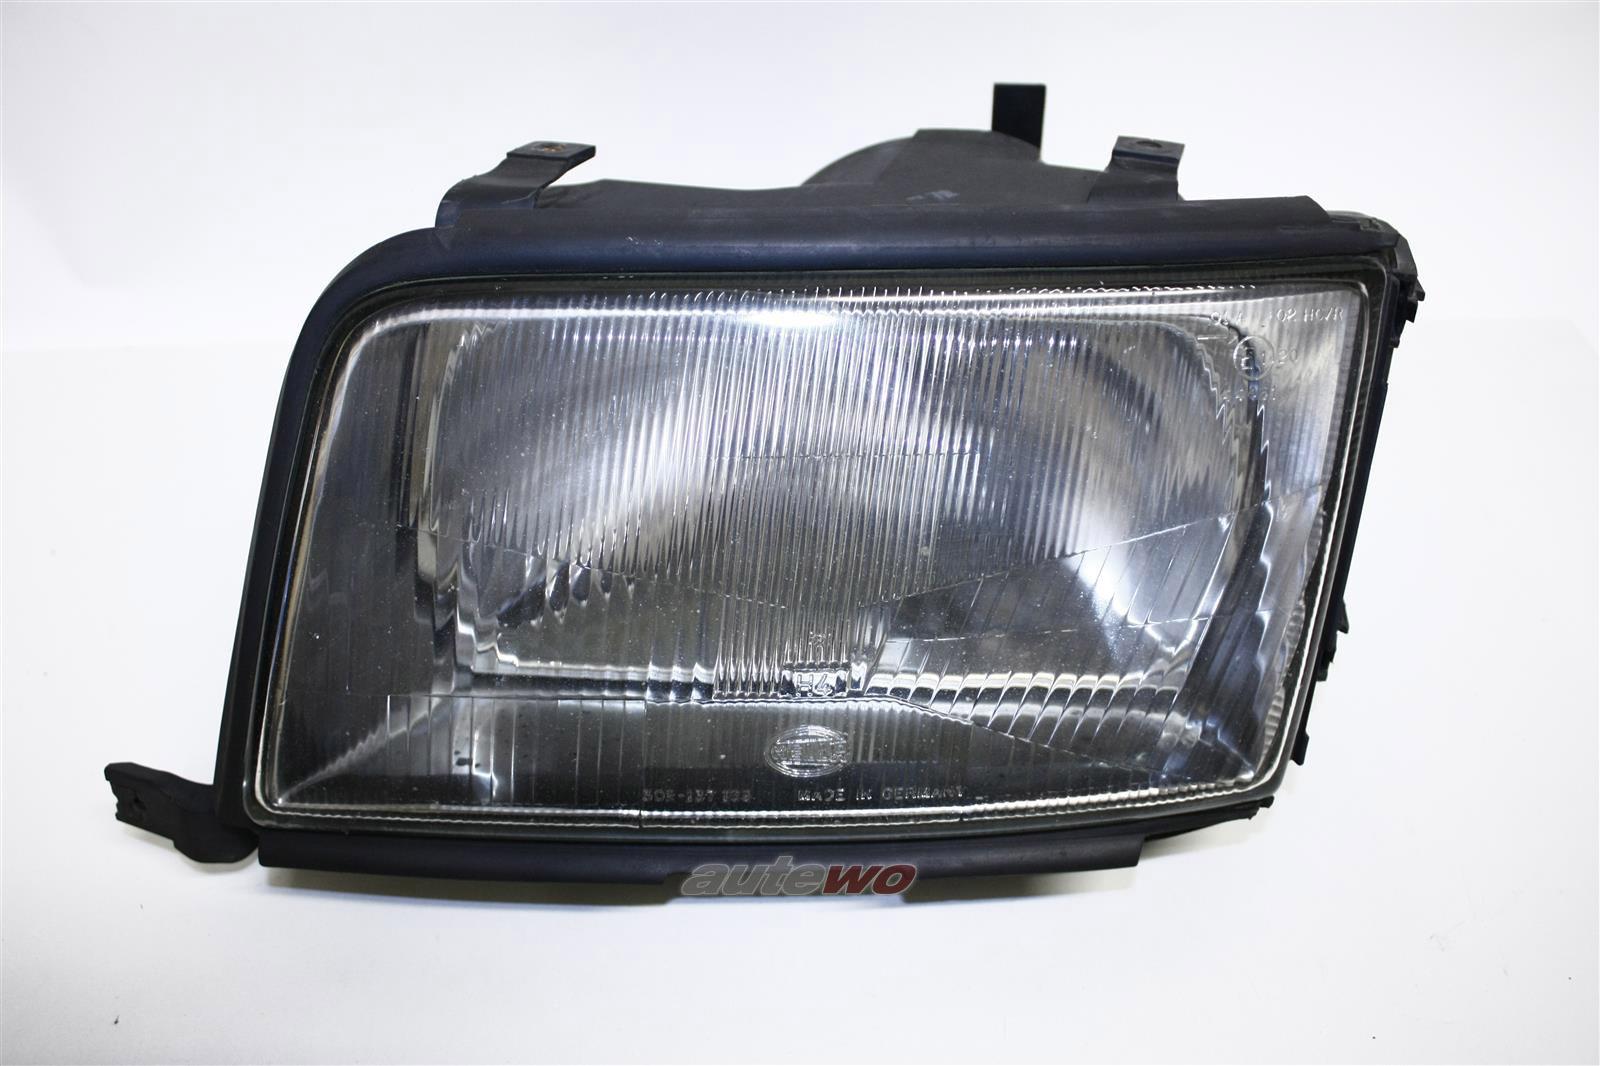 Audi 100 C4 Scheinwerfer original Hella ohne Nebelscheinwerfer Links 4A0941029